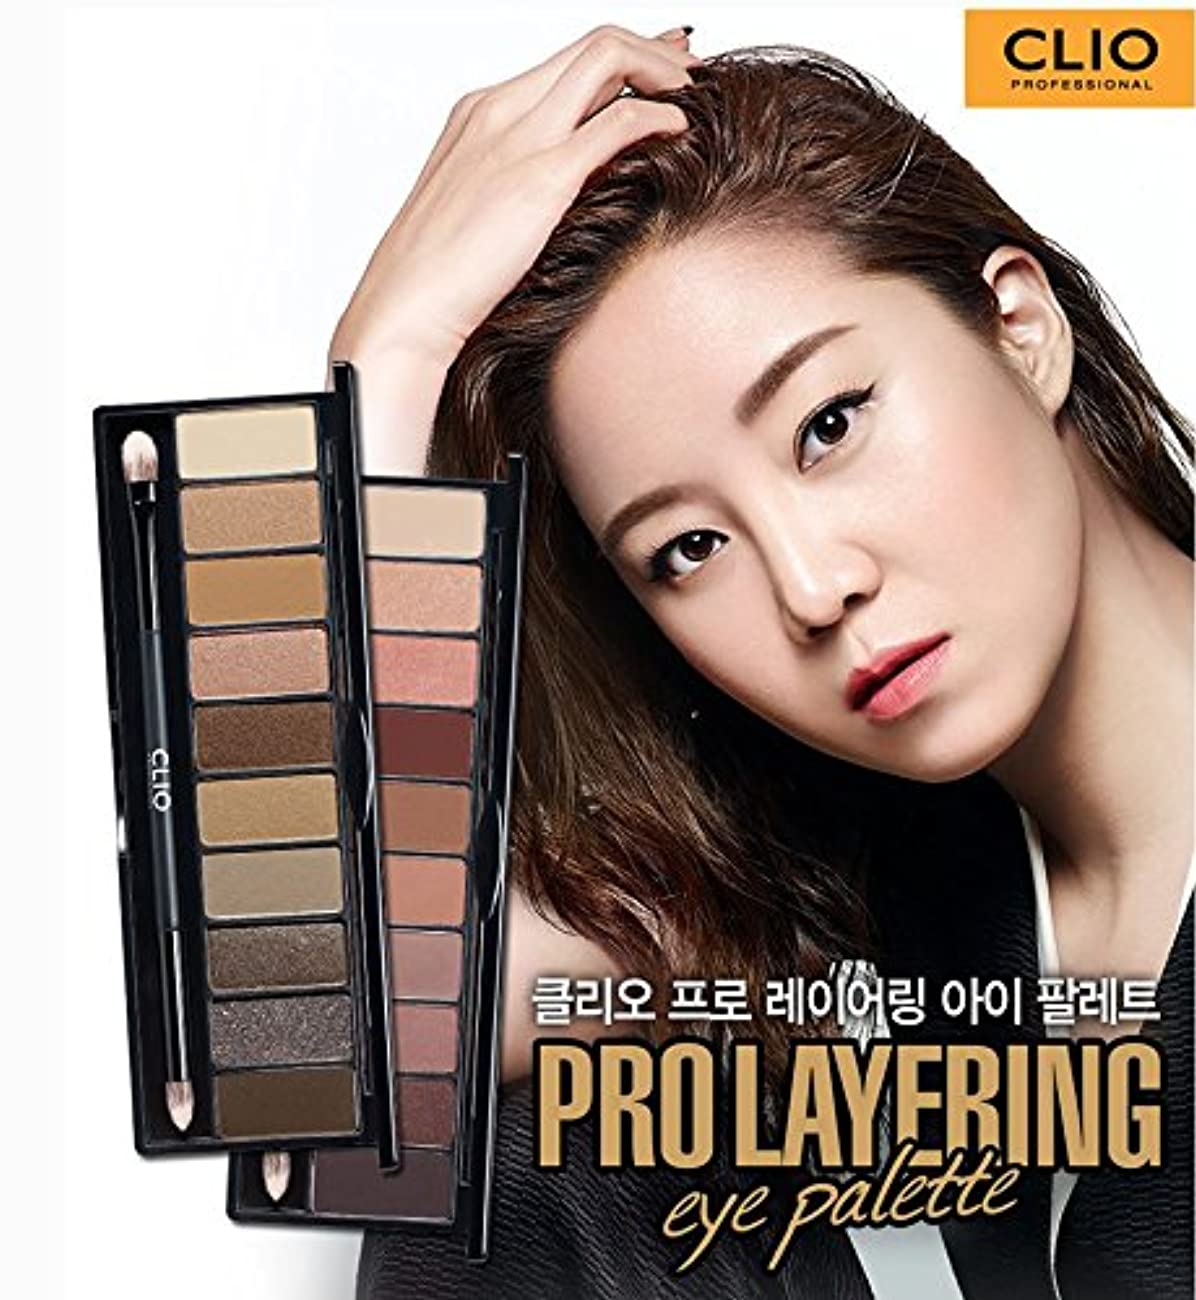 高層ビル湿気の多い一緒にClio Eye Shadow 10Colors Pro Layering Eye Palette Makeup/[韓国コスメ CLIO] プロ レイヤーリング アイ?パレット (#2 Handcraft) [並行輸入品]